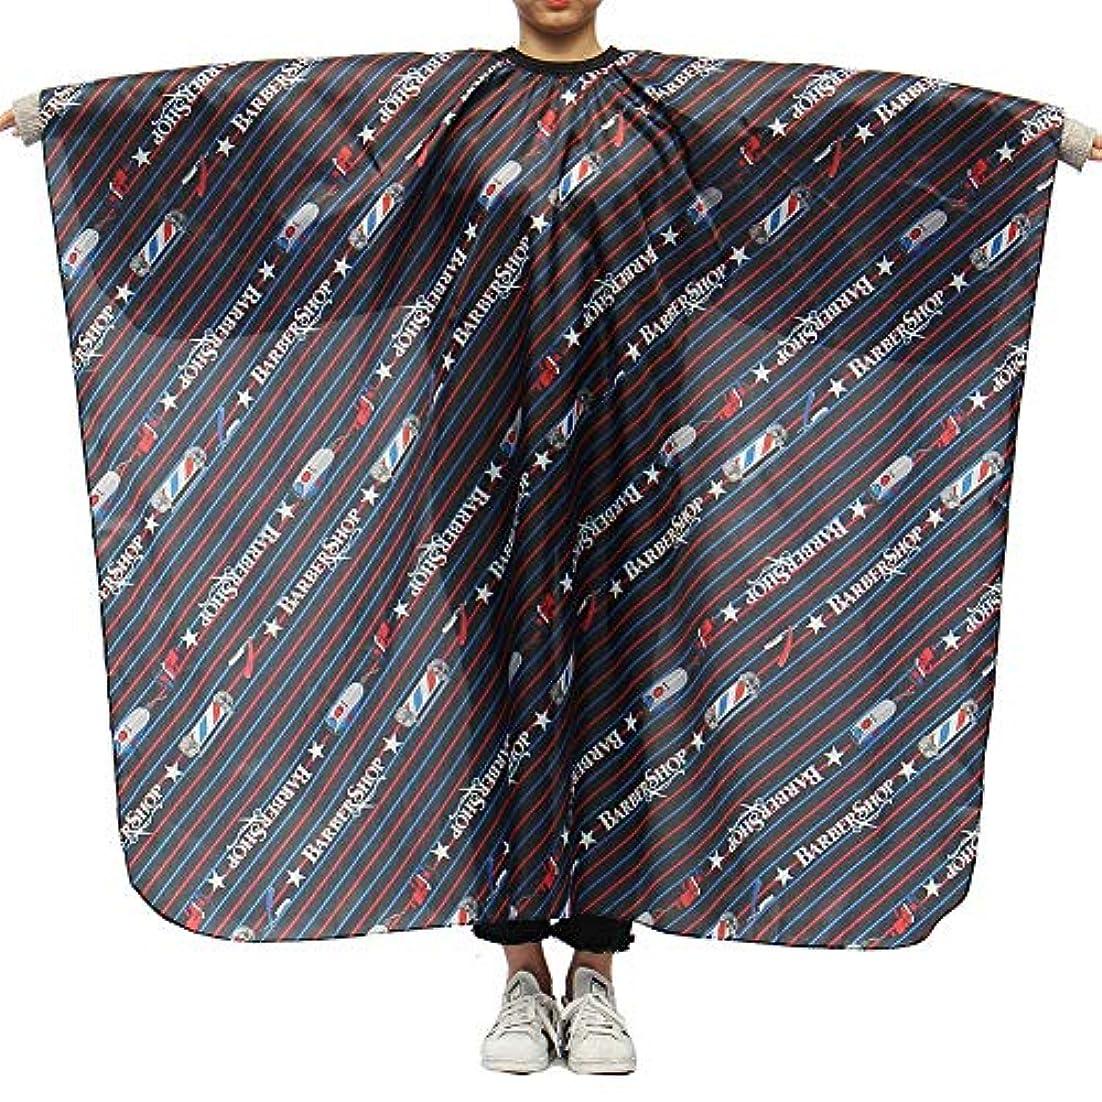 エキゾチック不確実合わせてLing(リンー)-ビューティー 理髪ケープ 理髪布 店用 家庭用 通気性 滑らか ポリエステル製